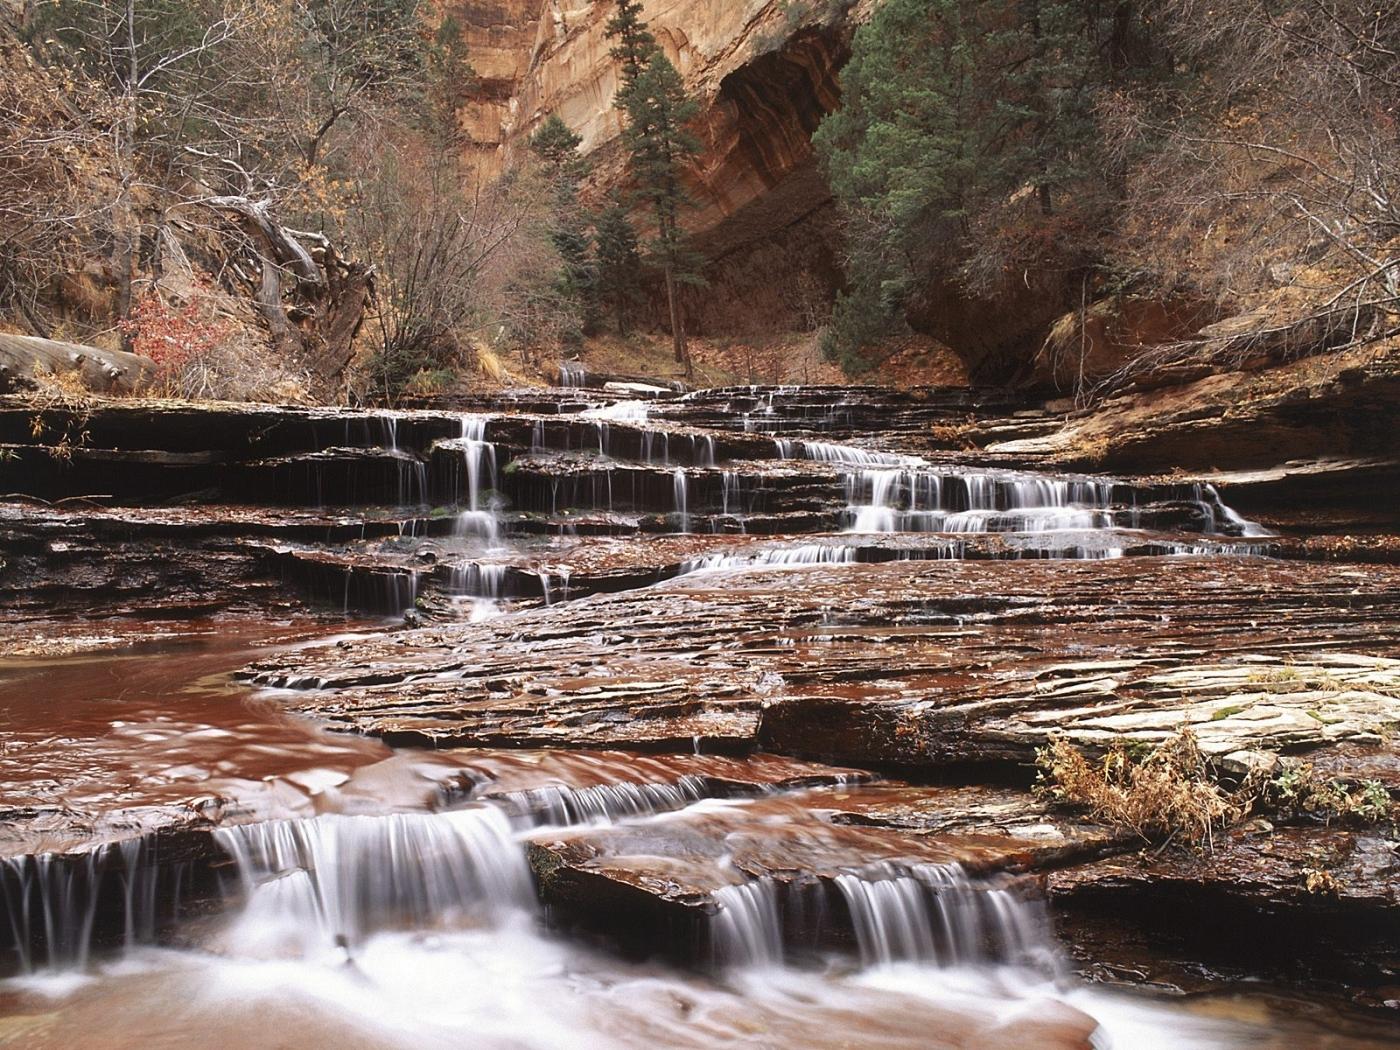 27880 скачать обои Пейзаж, Река, Водопады - заставки и картинки бесплатно